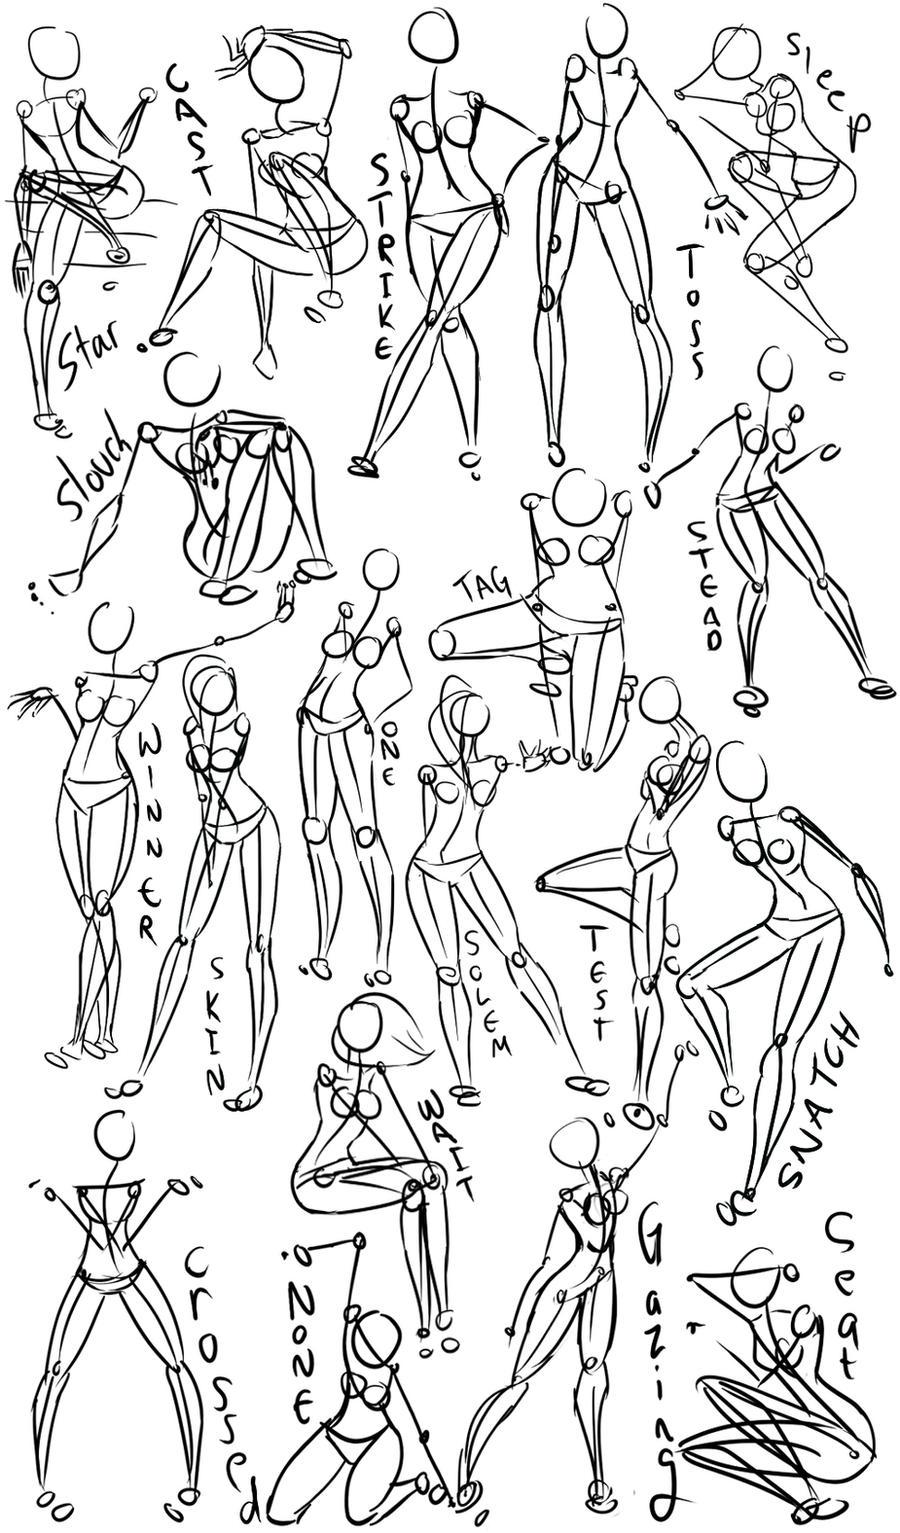 how to draw female anatomy anime